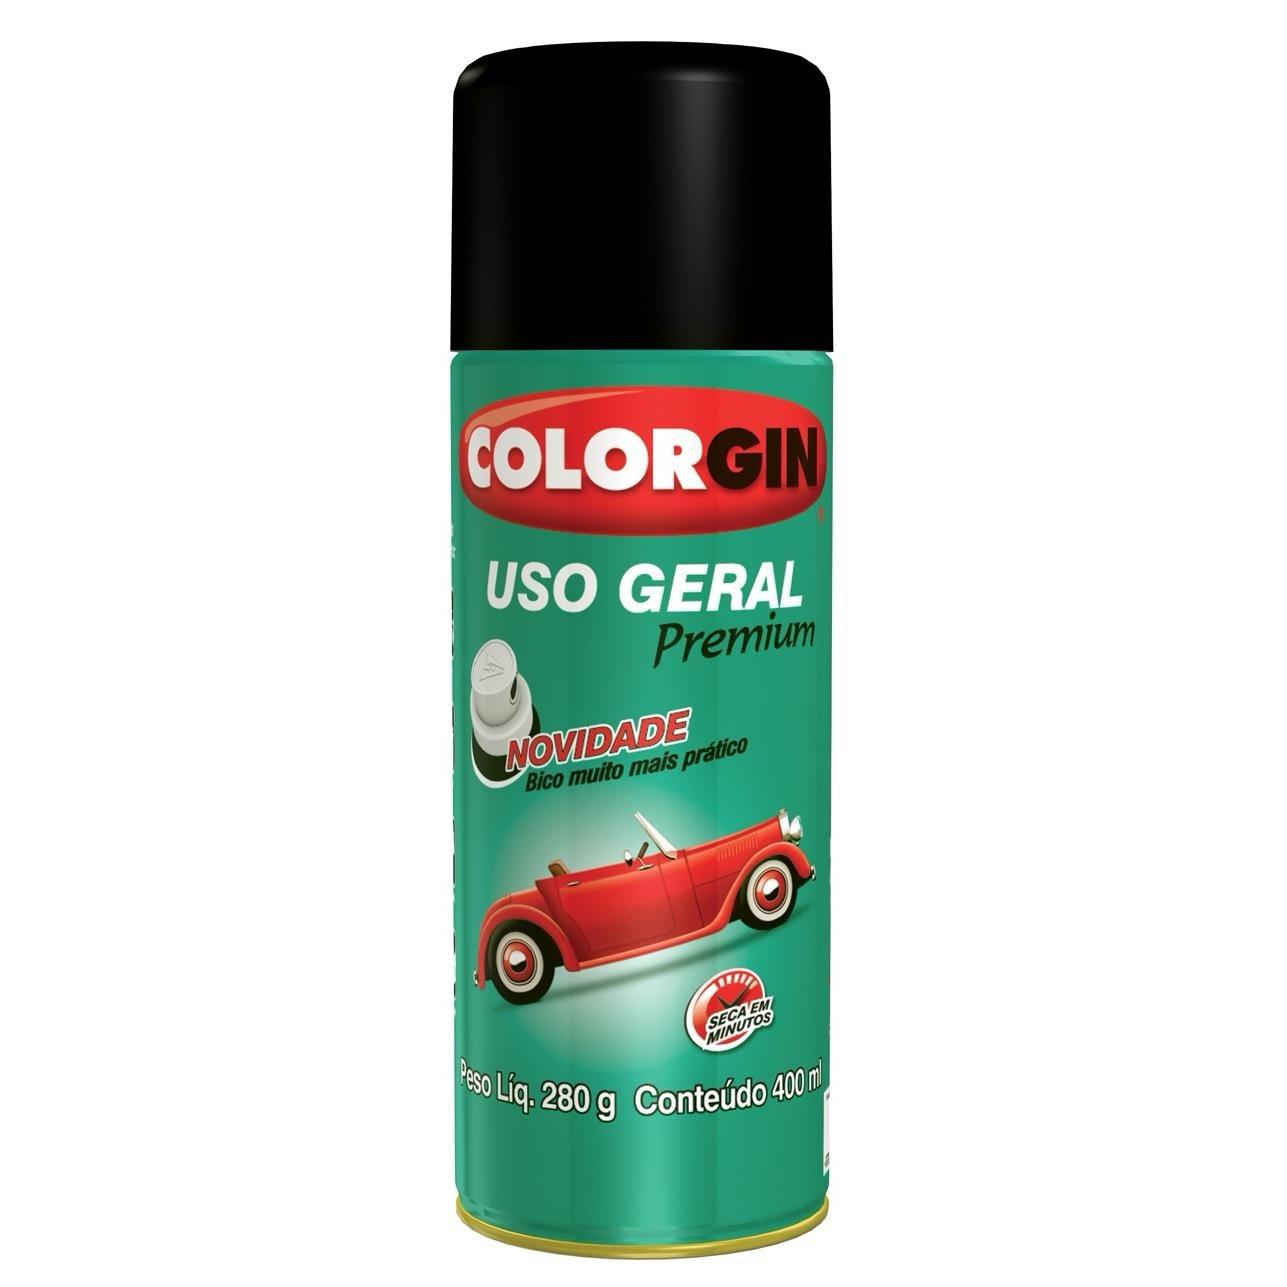 Tinta Spray Brilhante Uso Geral Interno e Externo Primer Rapido - Cinza Placa - 400ml - Colorgin